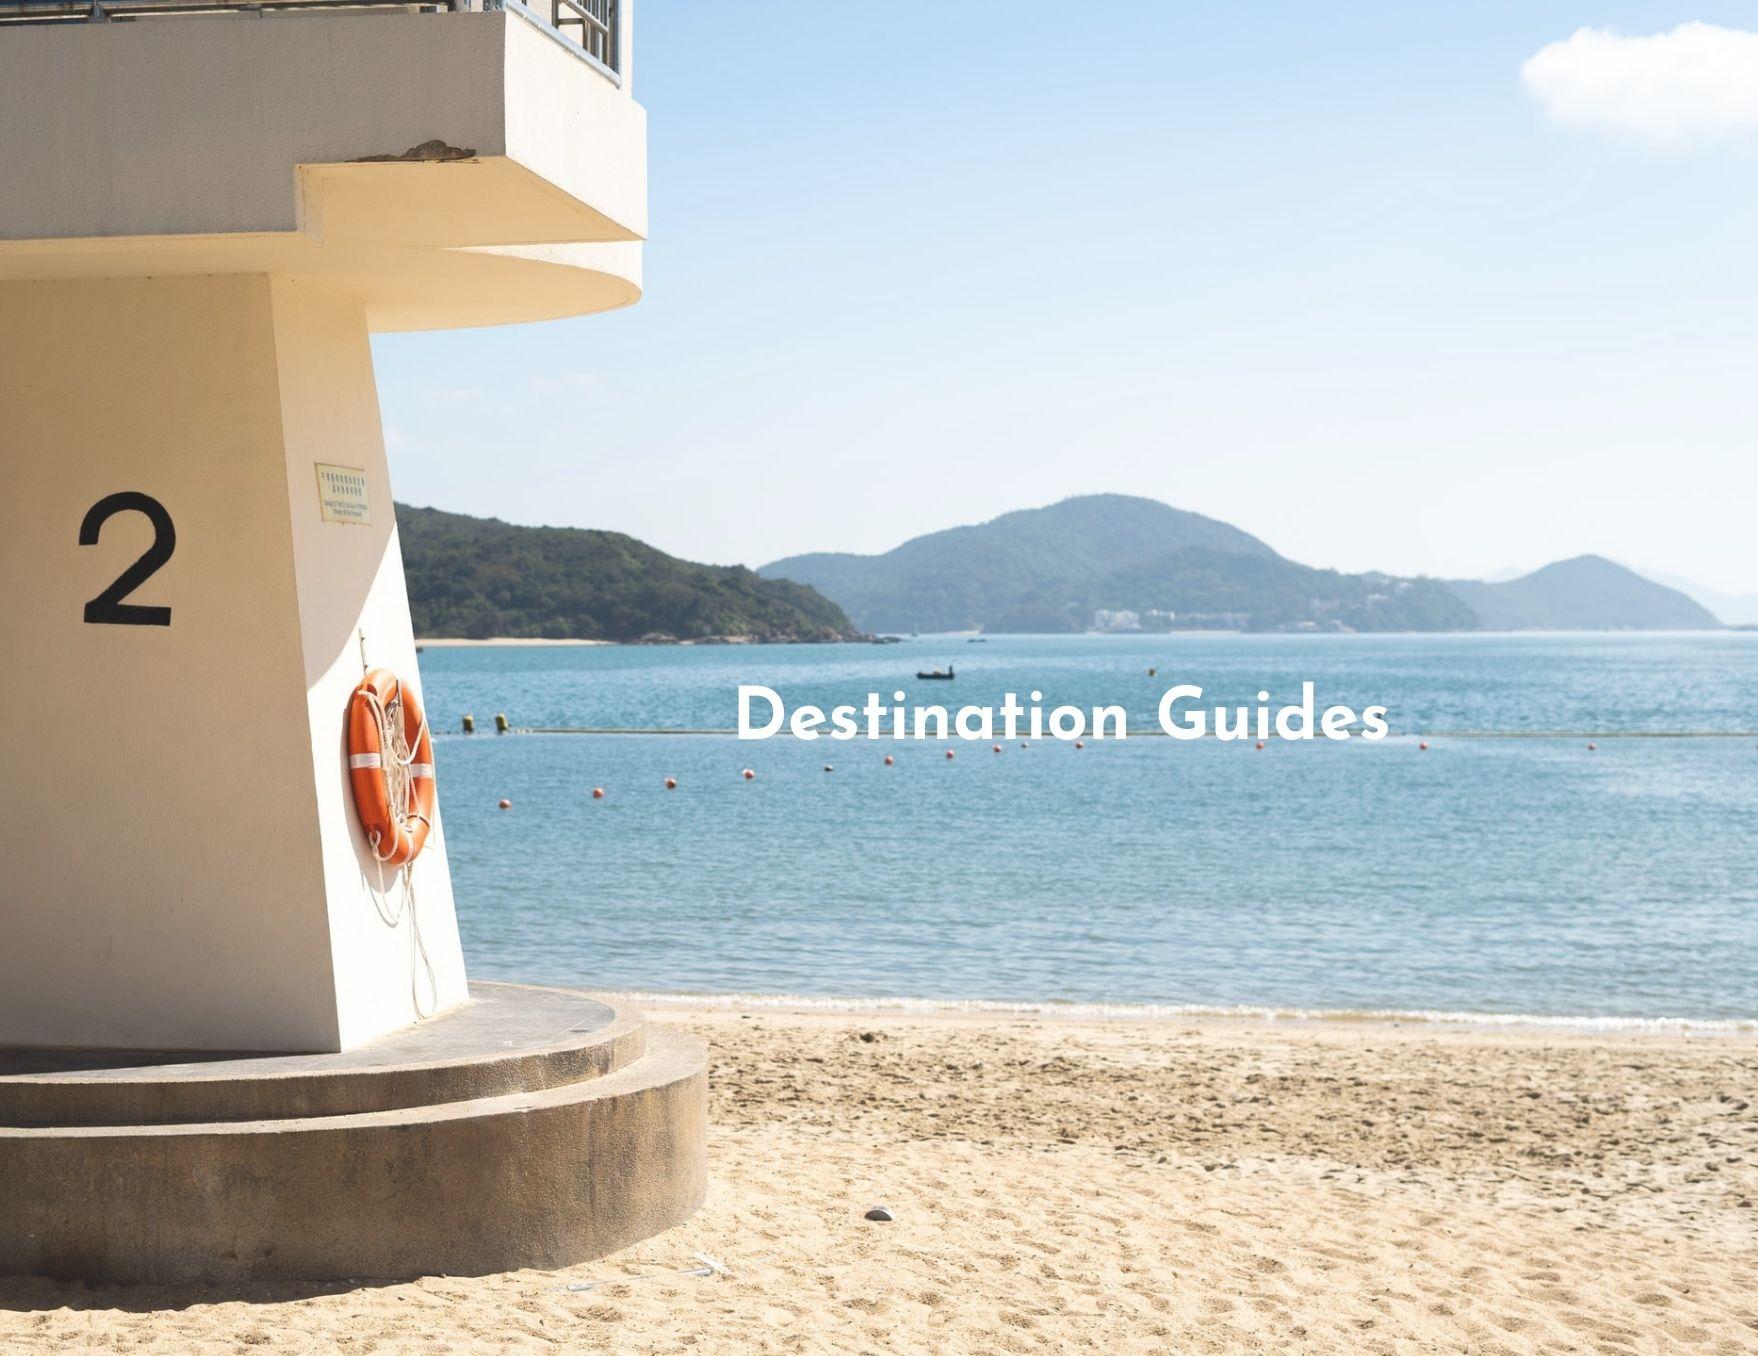 Destination Guides-2